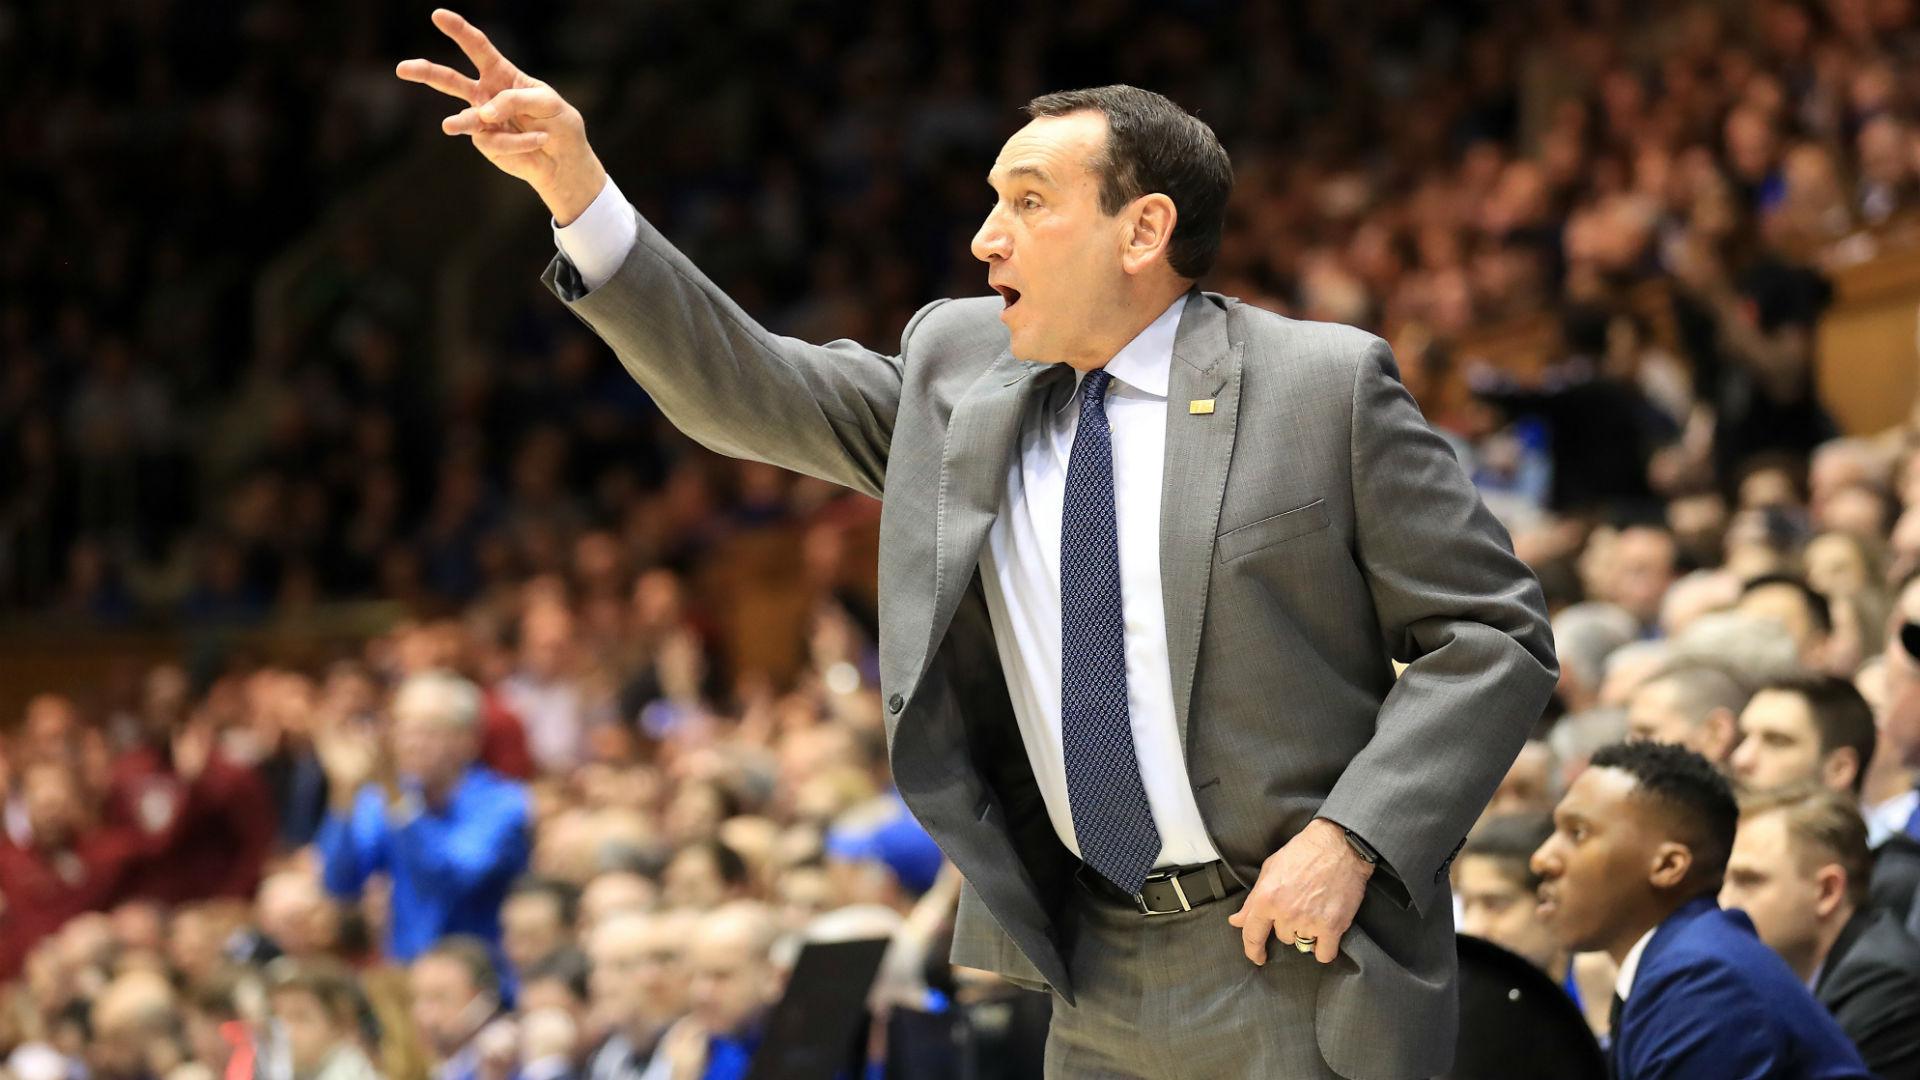 El entrenador K dice que la NCAA debería considerar darles a los adultos mayores de baloncesto universitario un año adicional de elegibilidad 1